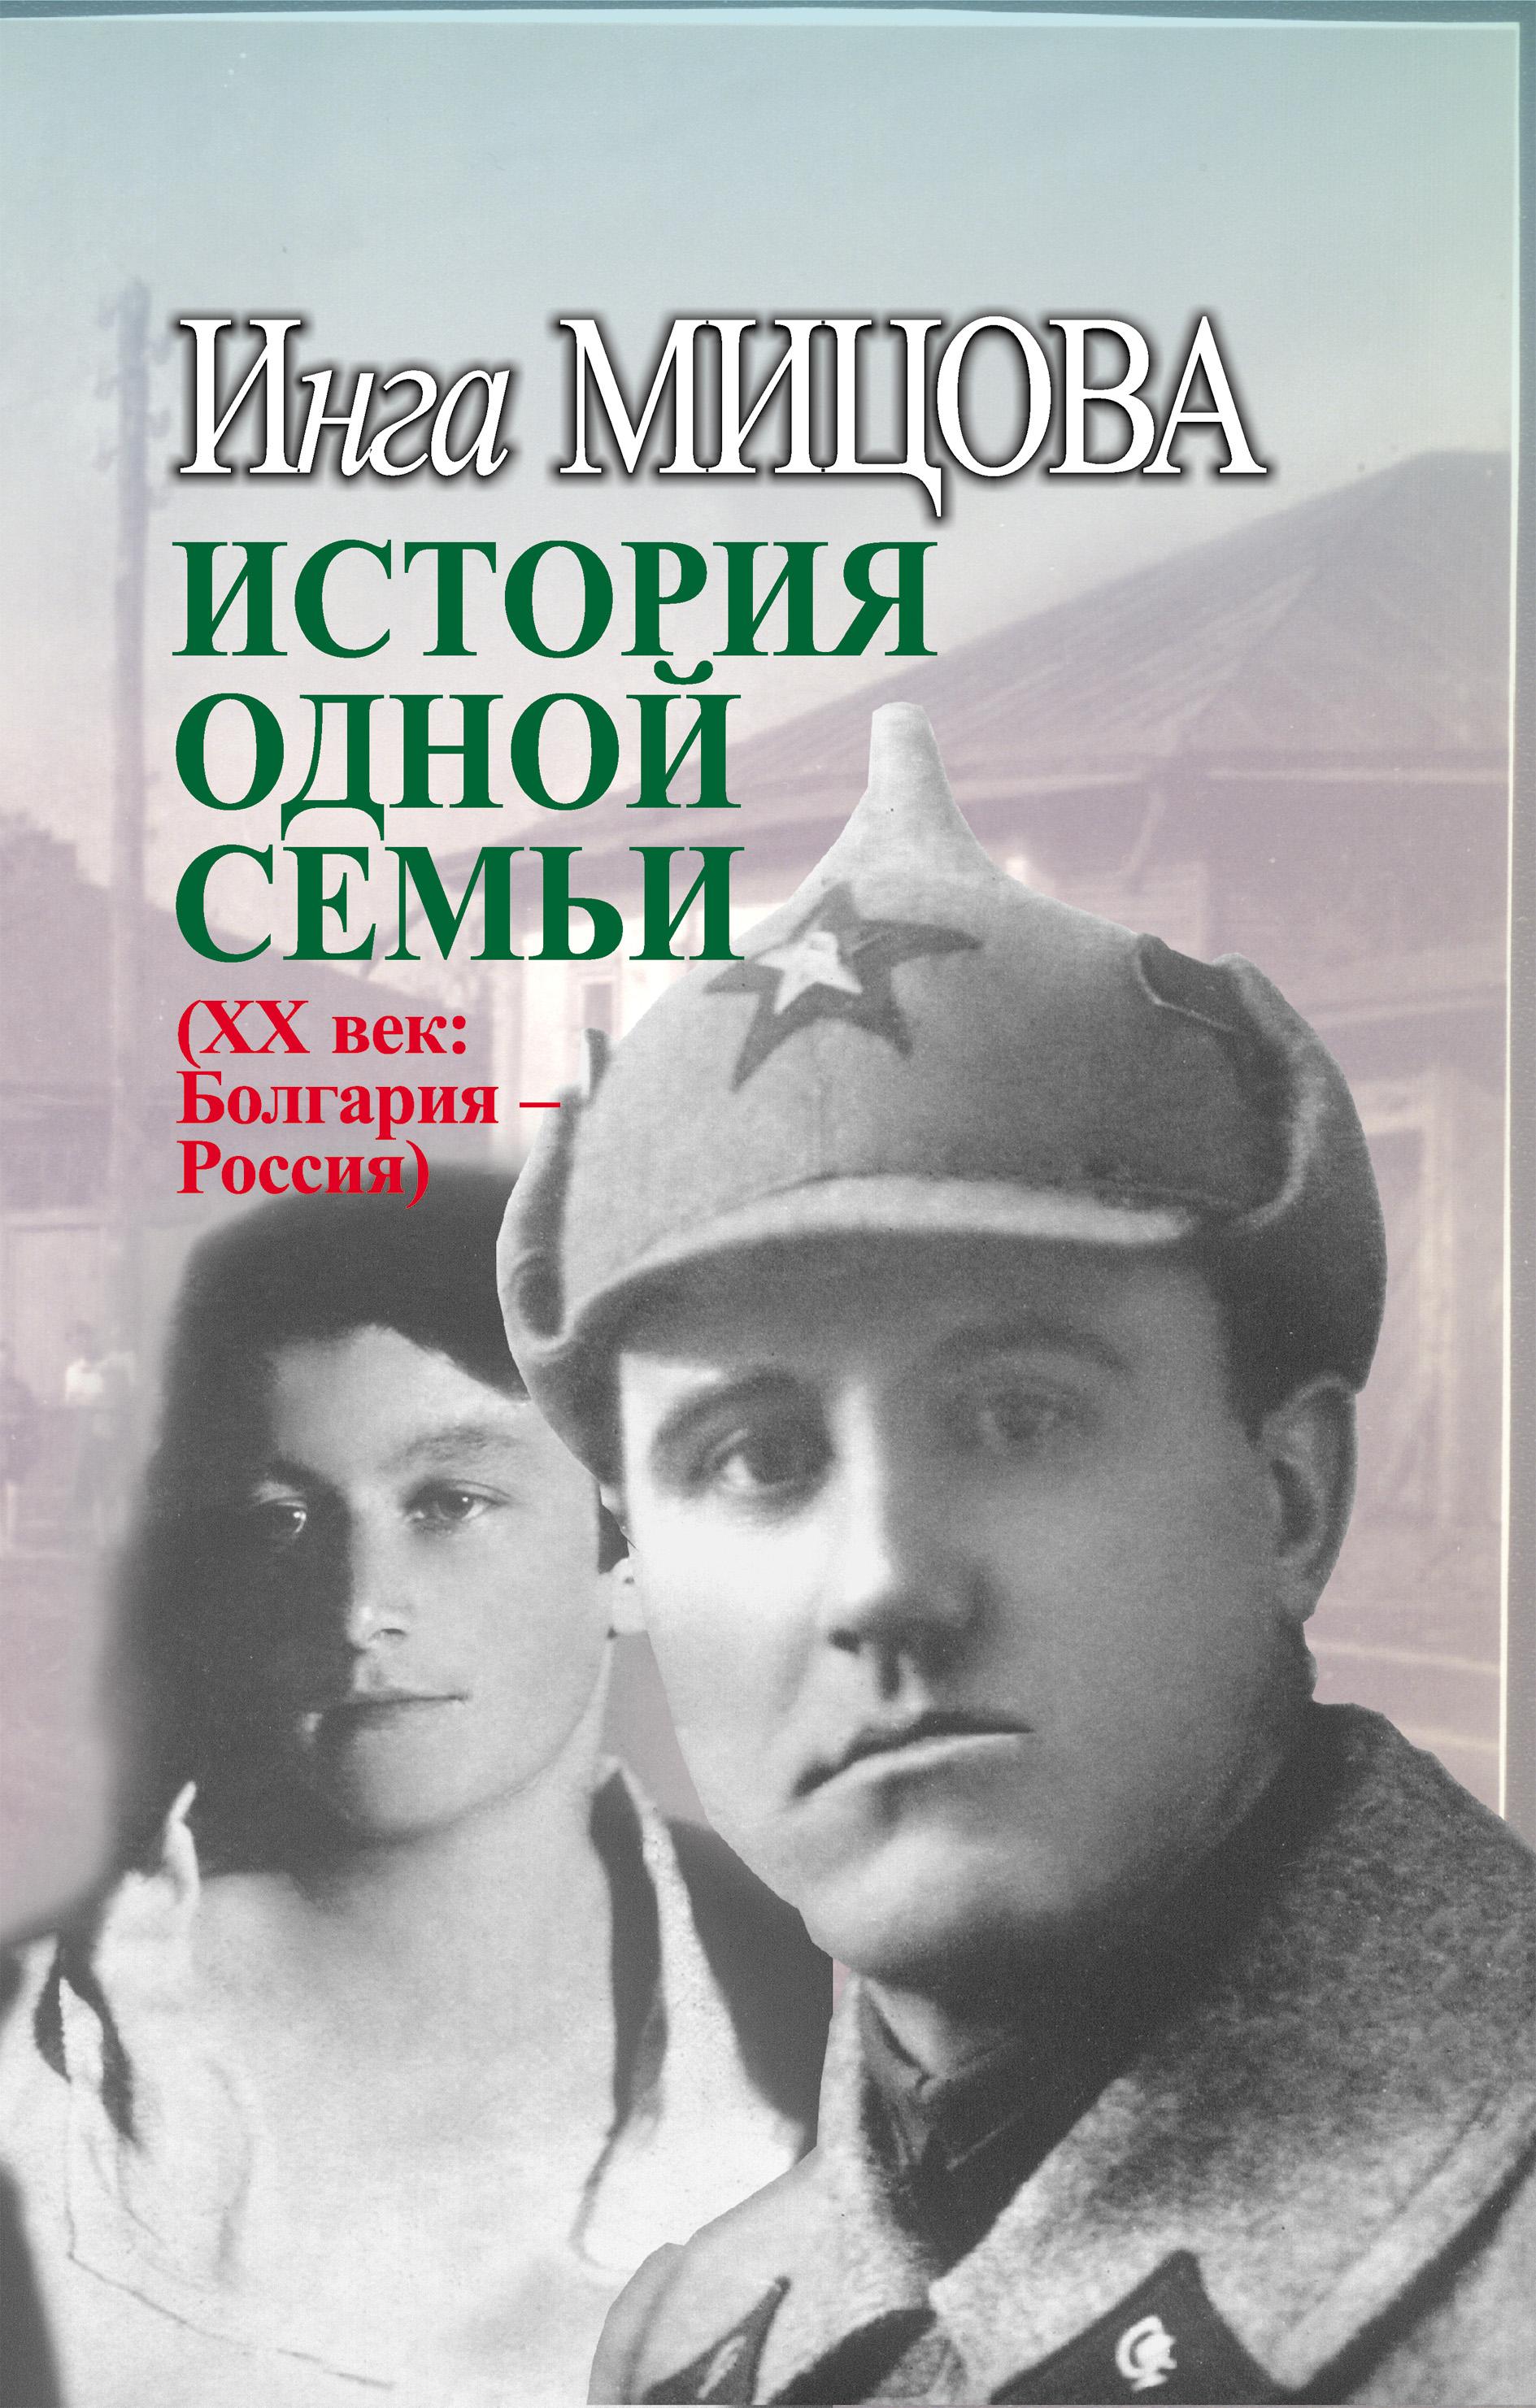 История одной семьи (ХХ век. Болгария – Россия)